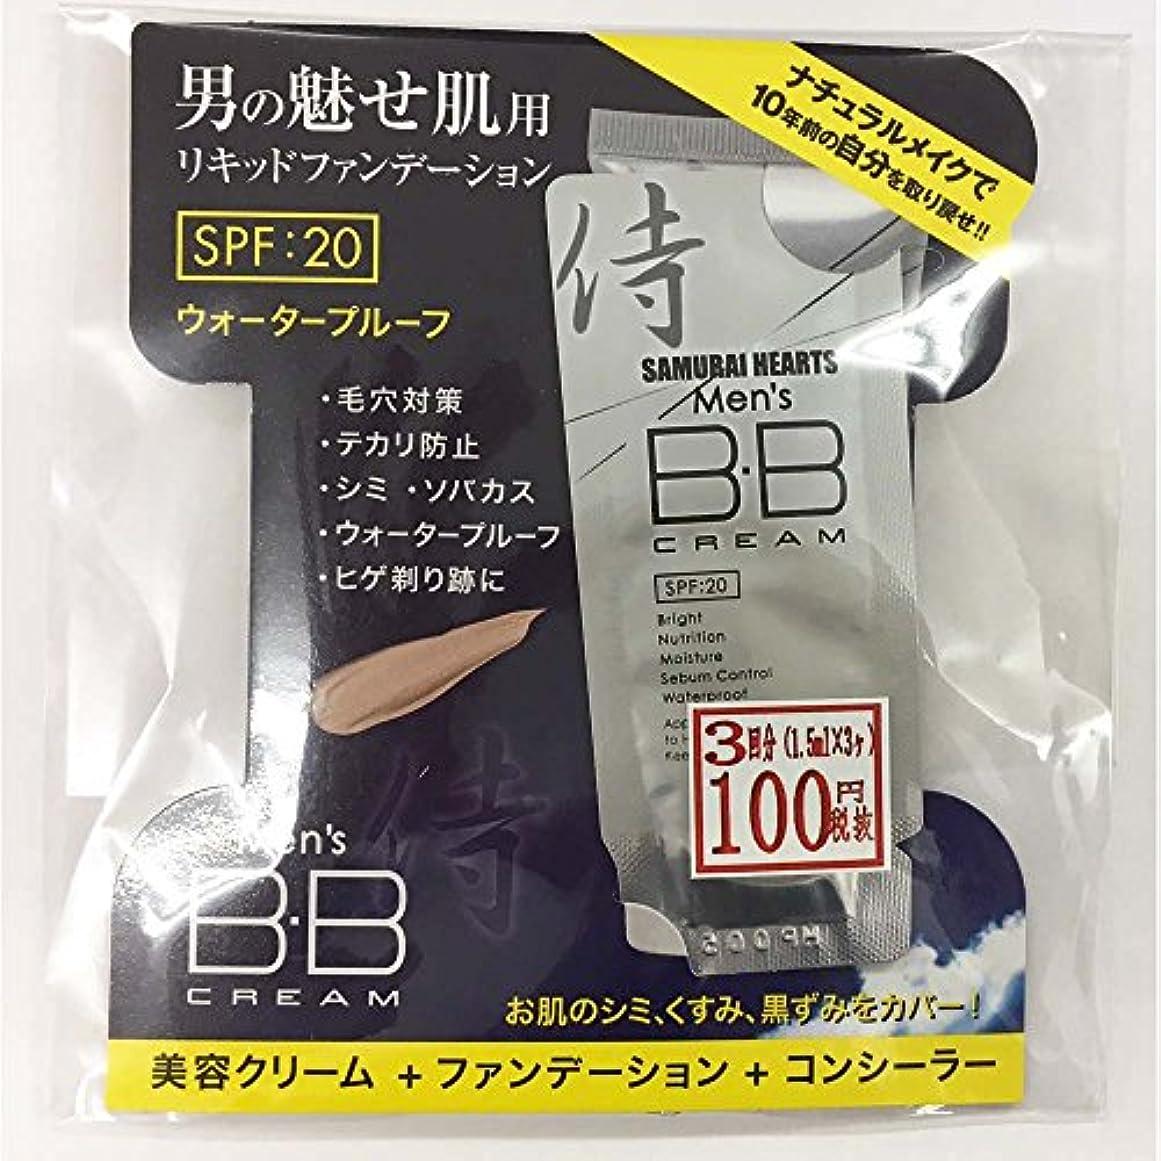 チューインガムエコー忌避剤サムライハーツ BBクリーム SPF20 パウチ1.5ml 3枚入 お試し用